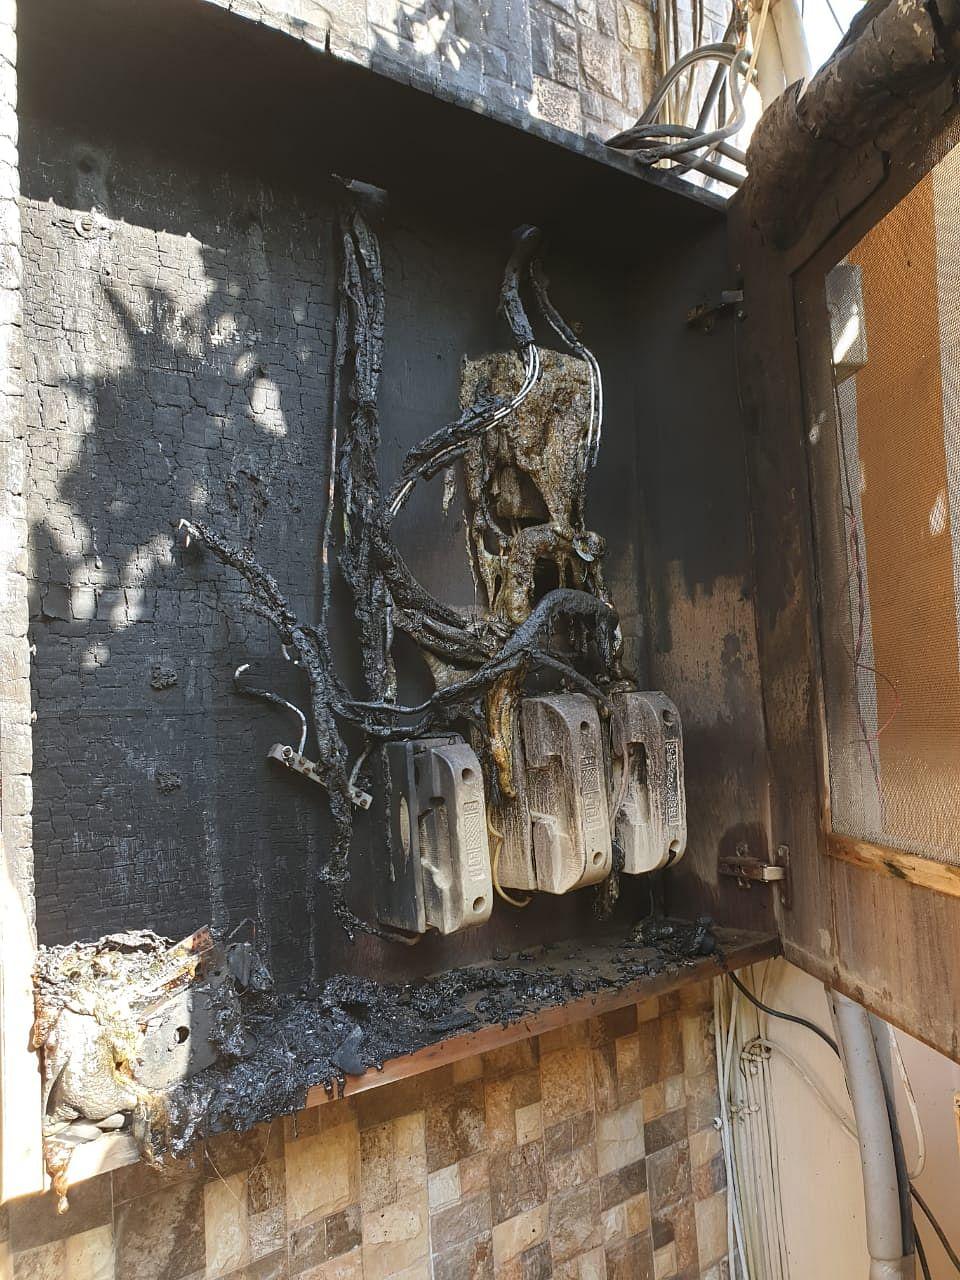 शार्ट-सर्किट से लगी आग में जला हुआ मीटर